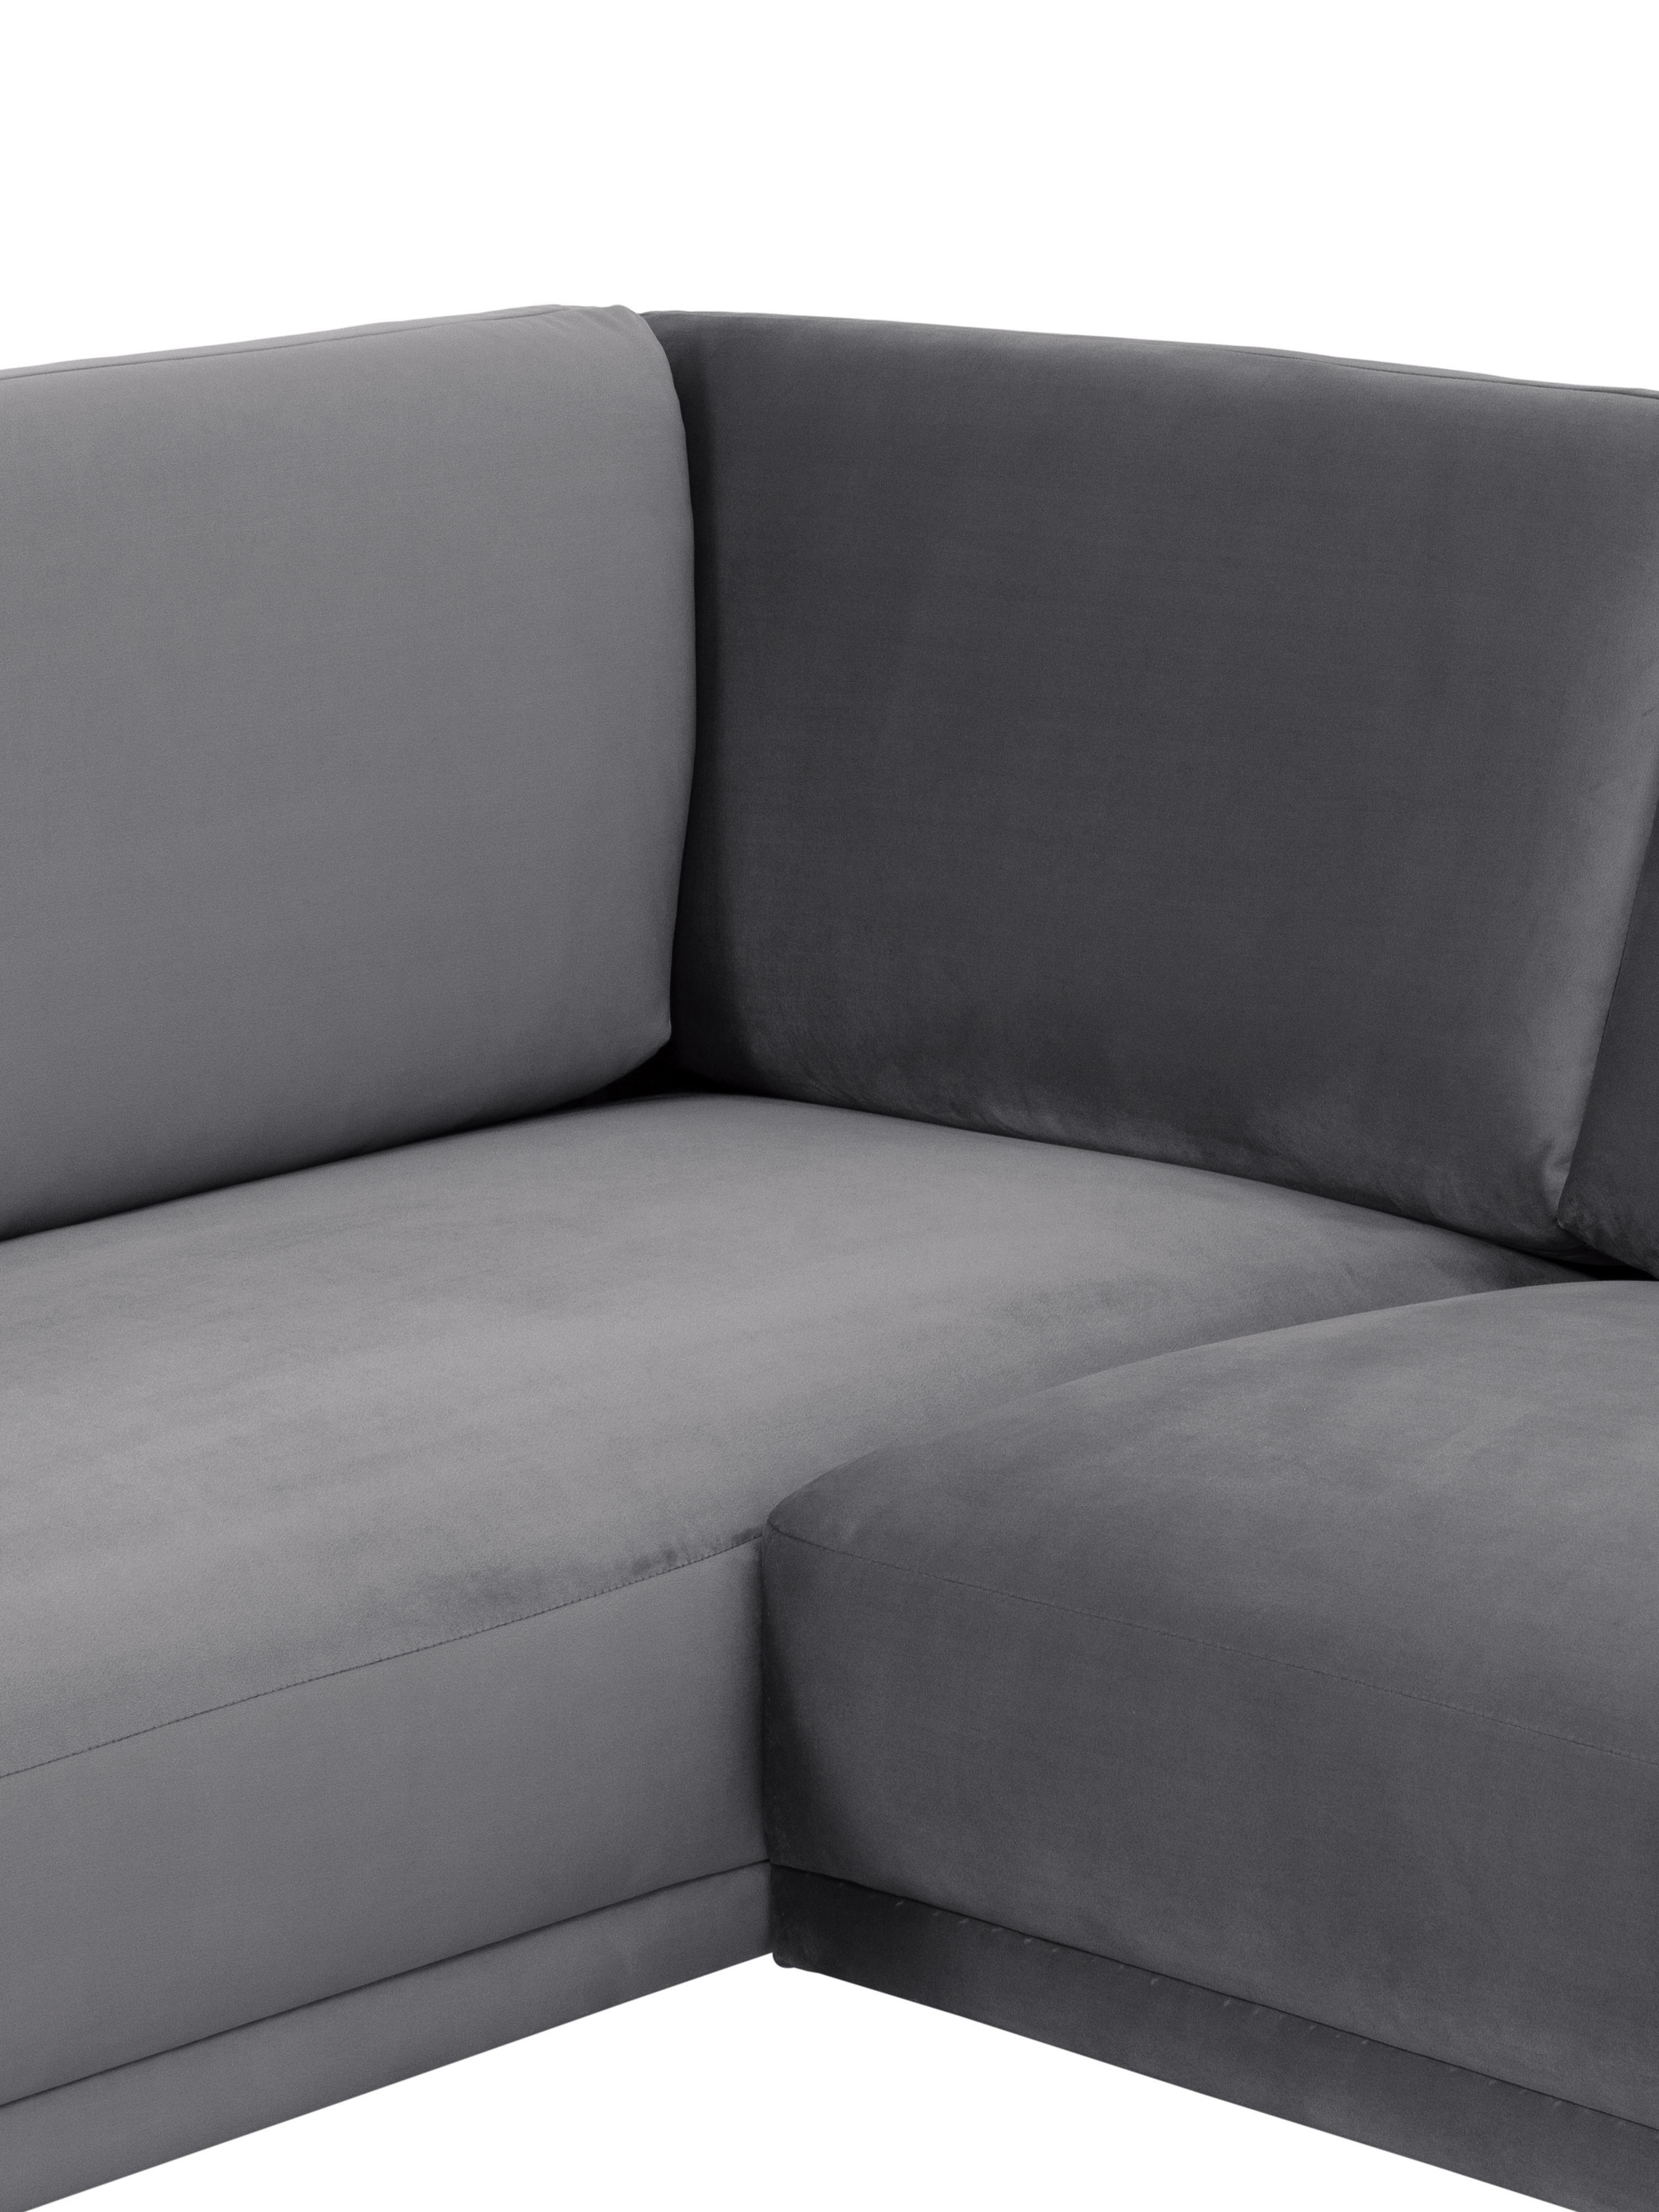 Canapé d'angle velours gris brun Fluente, Velours brun-gris